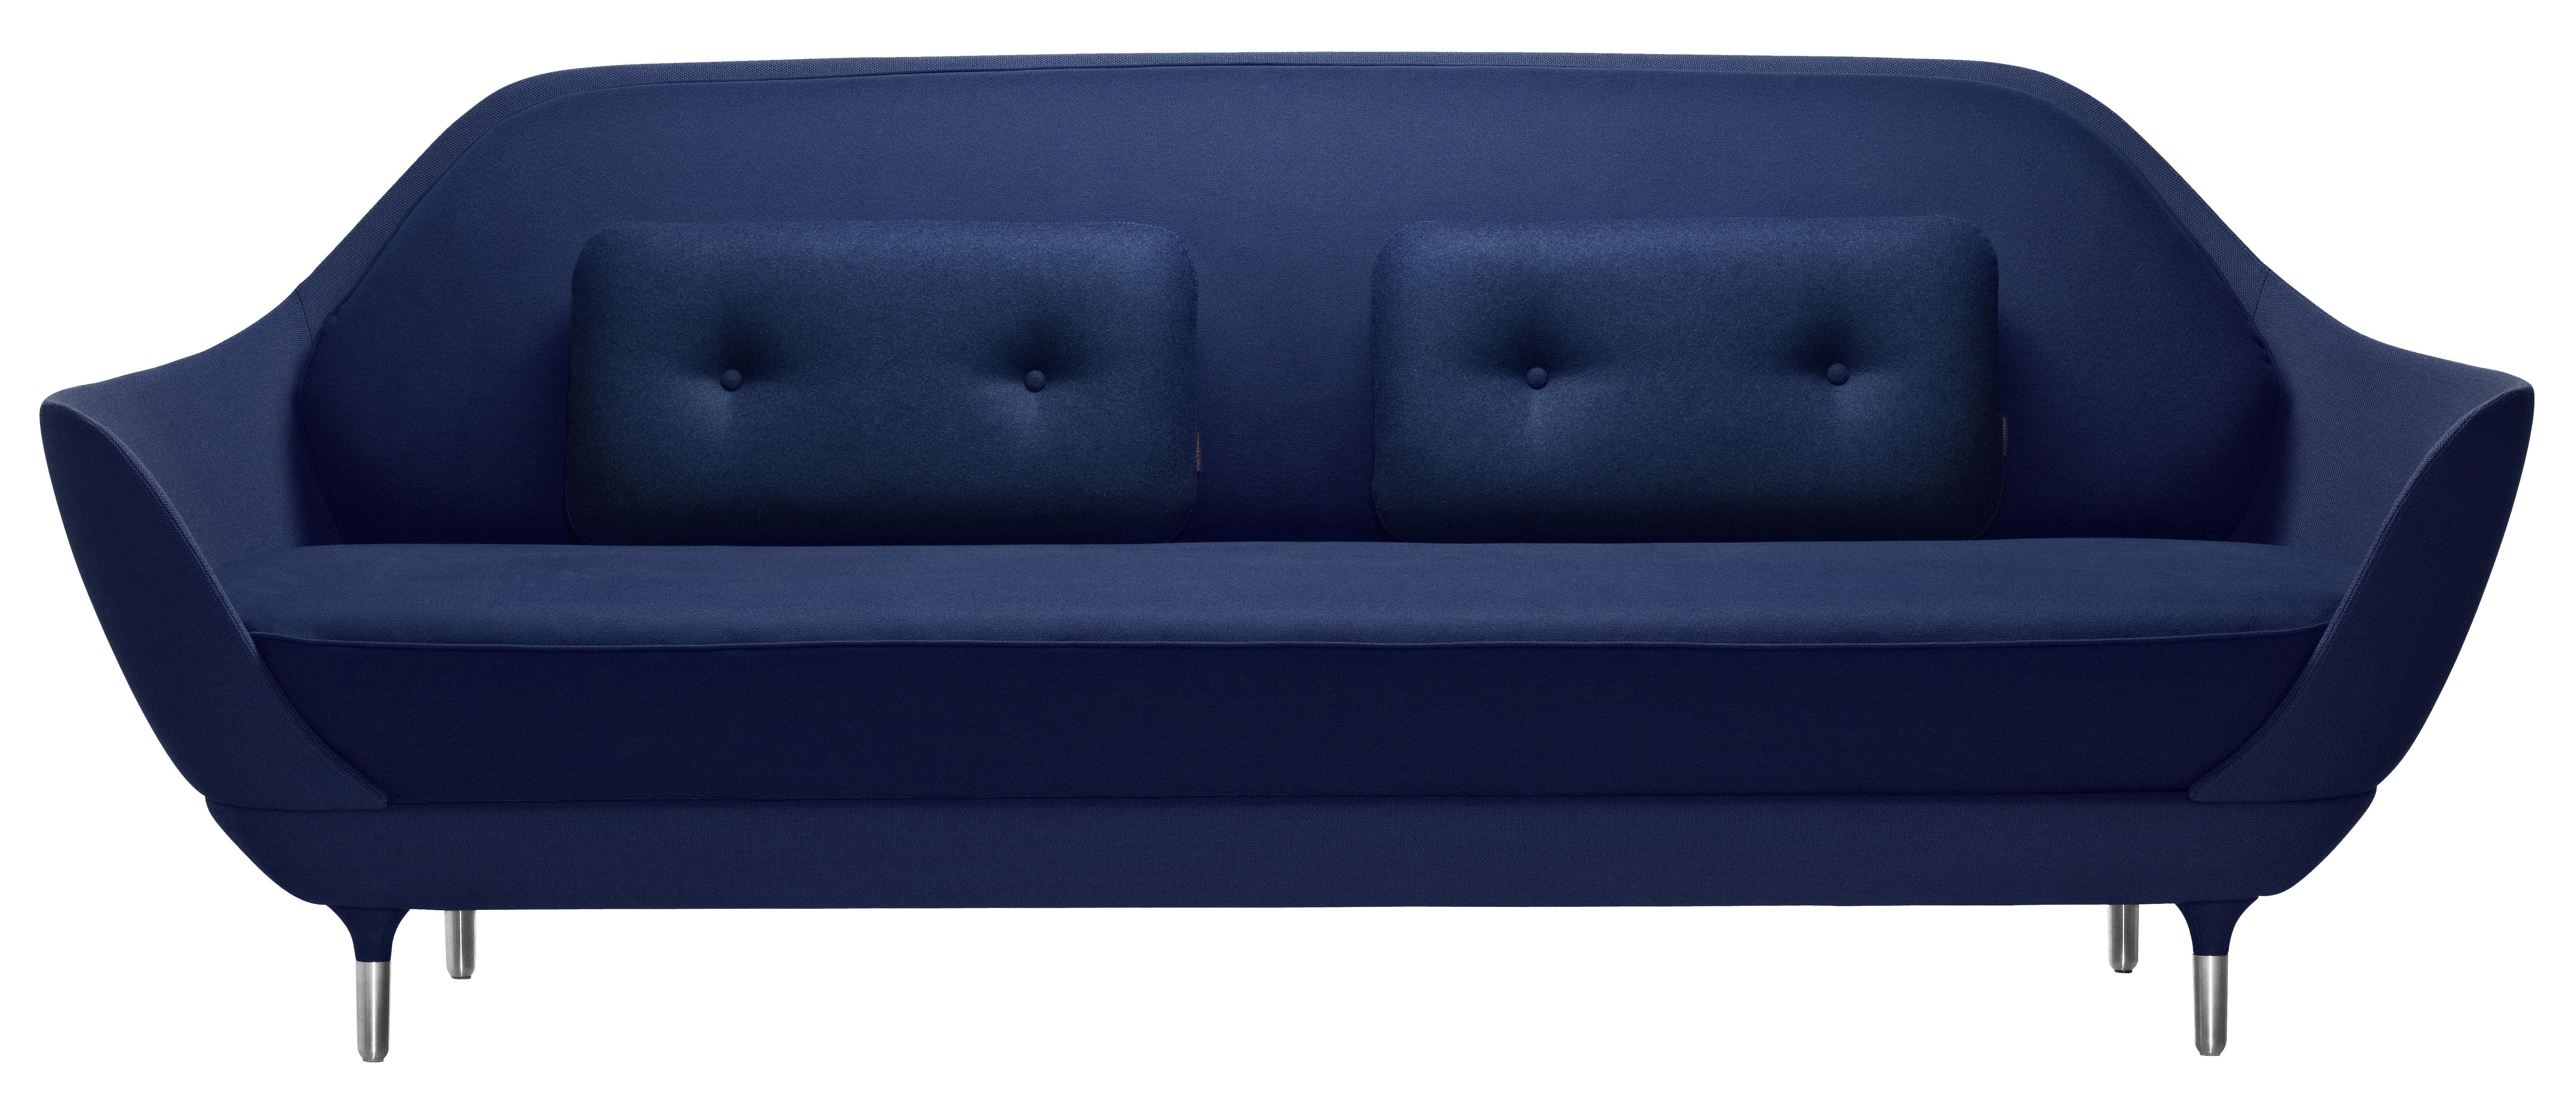 Scopri divano destro favn l 221 cm blu scuro di fritz - Divano 250 cm ...